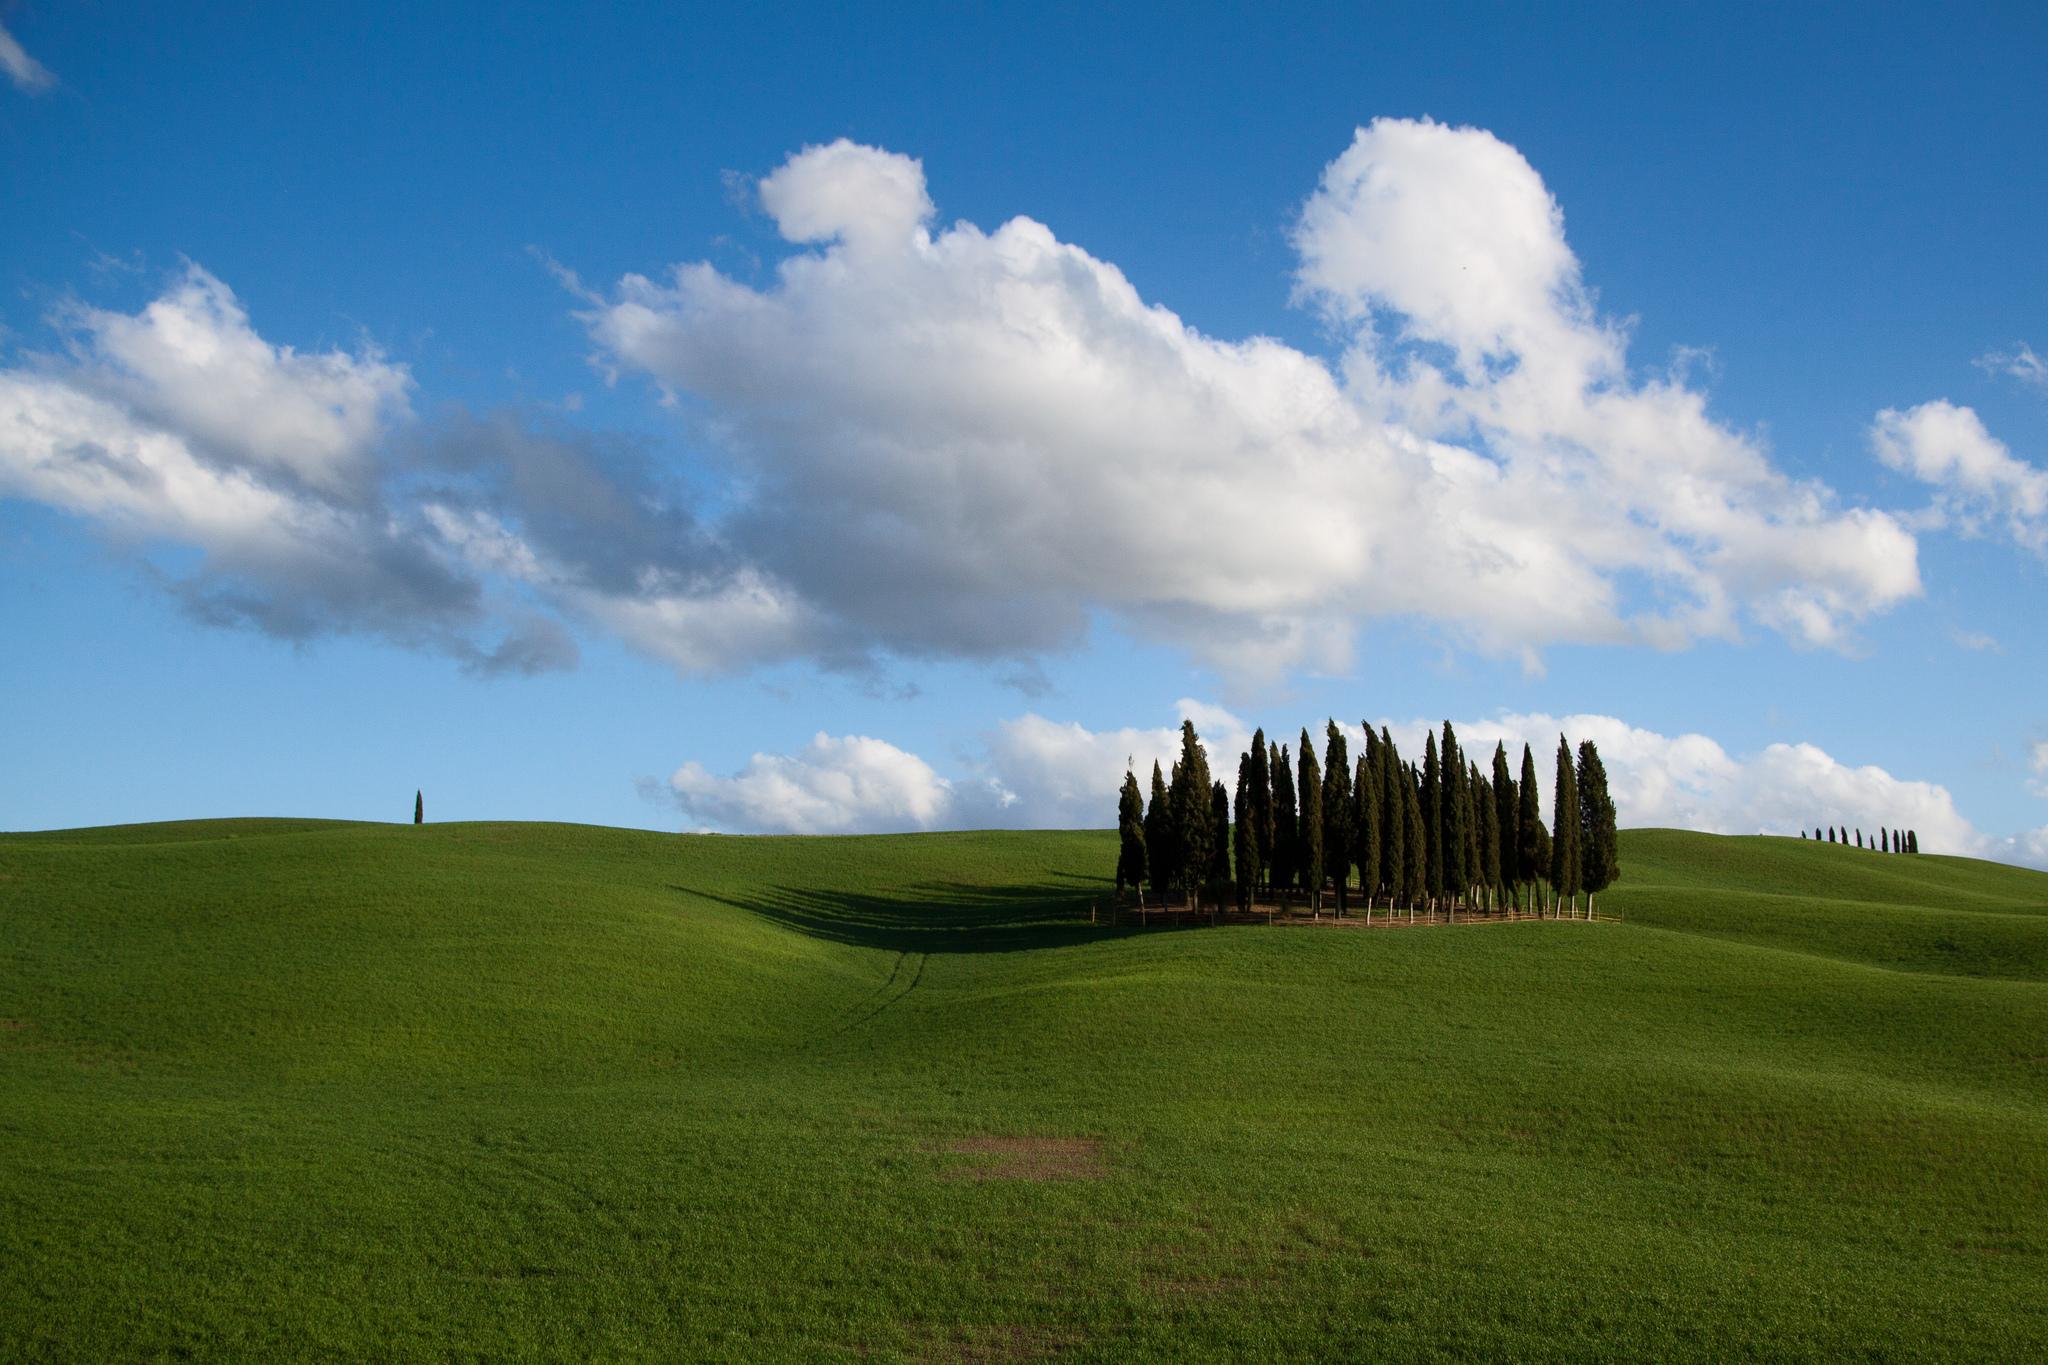 Tuscany Grove, Italy